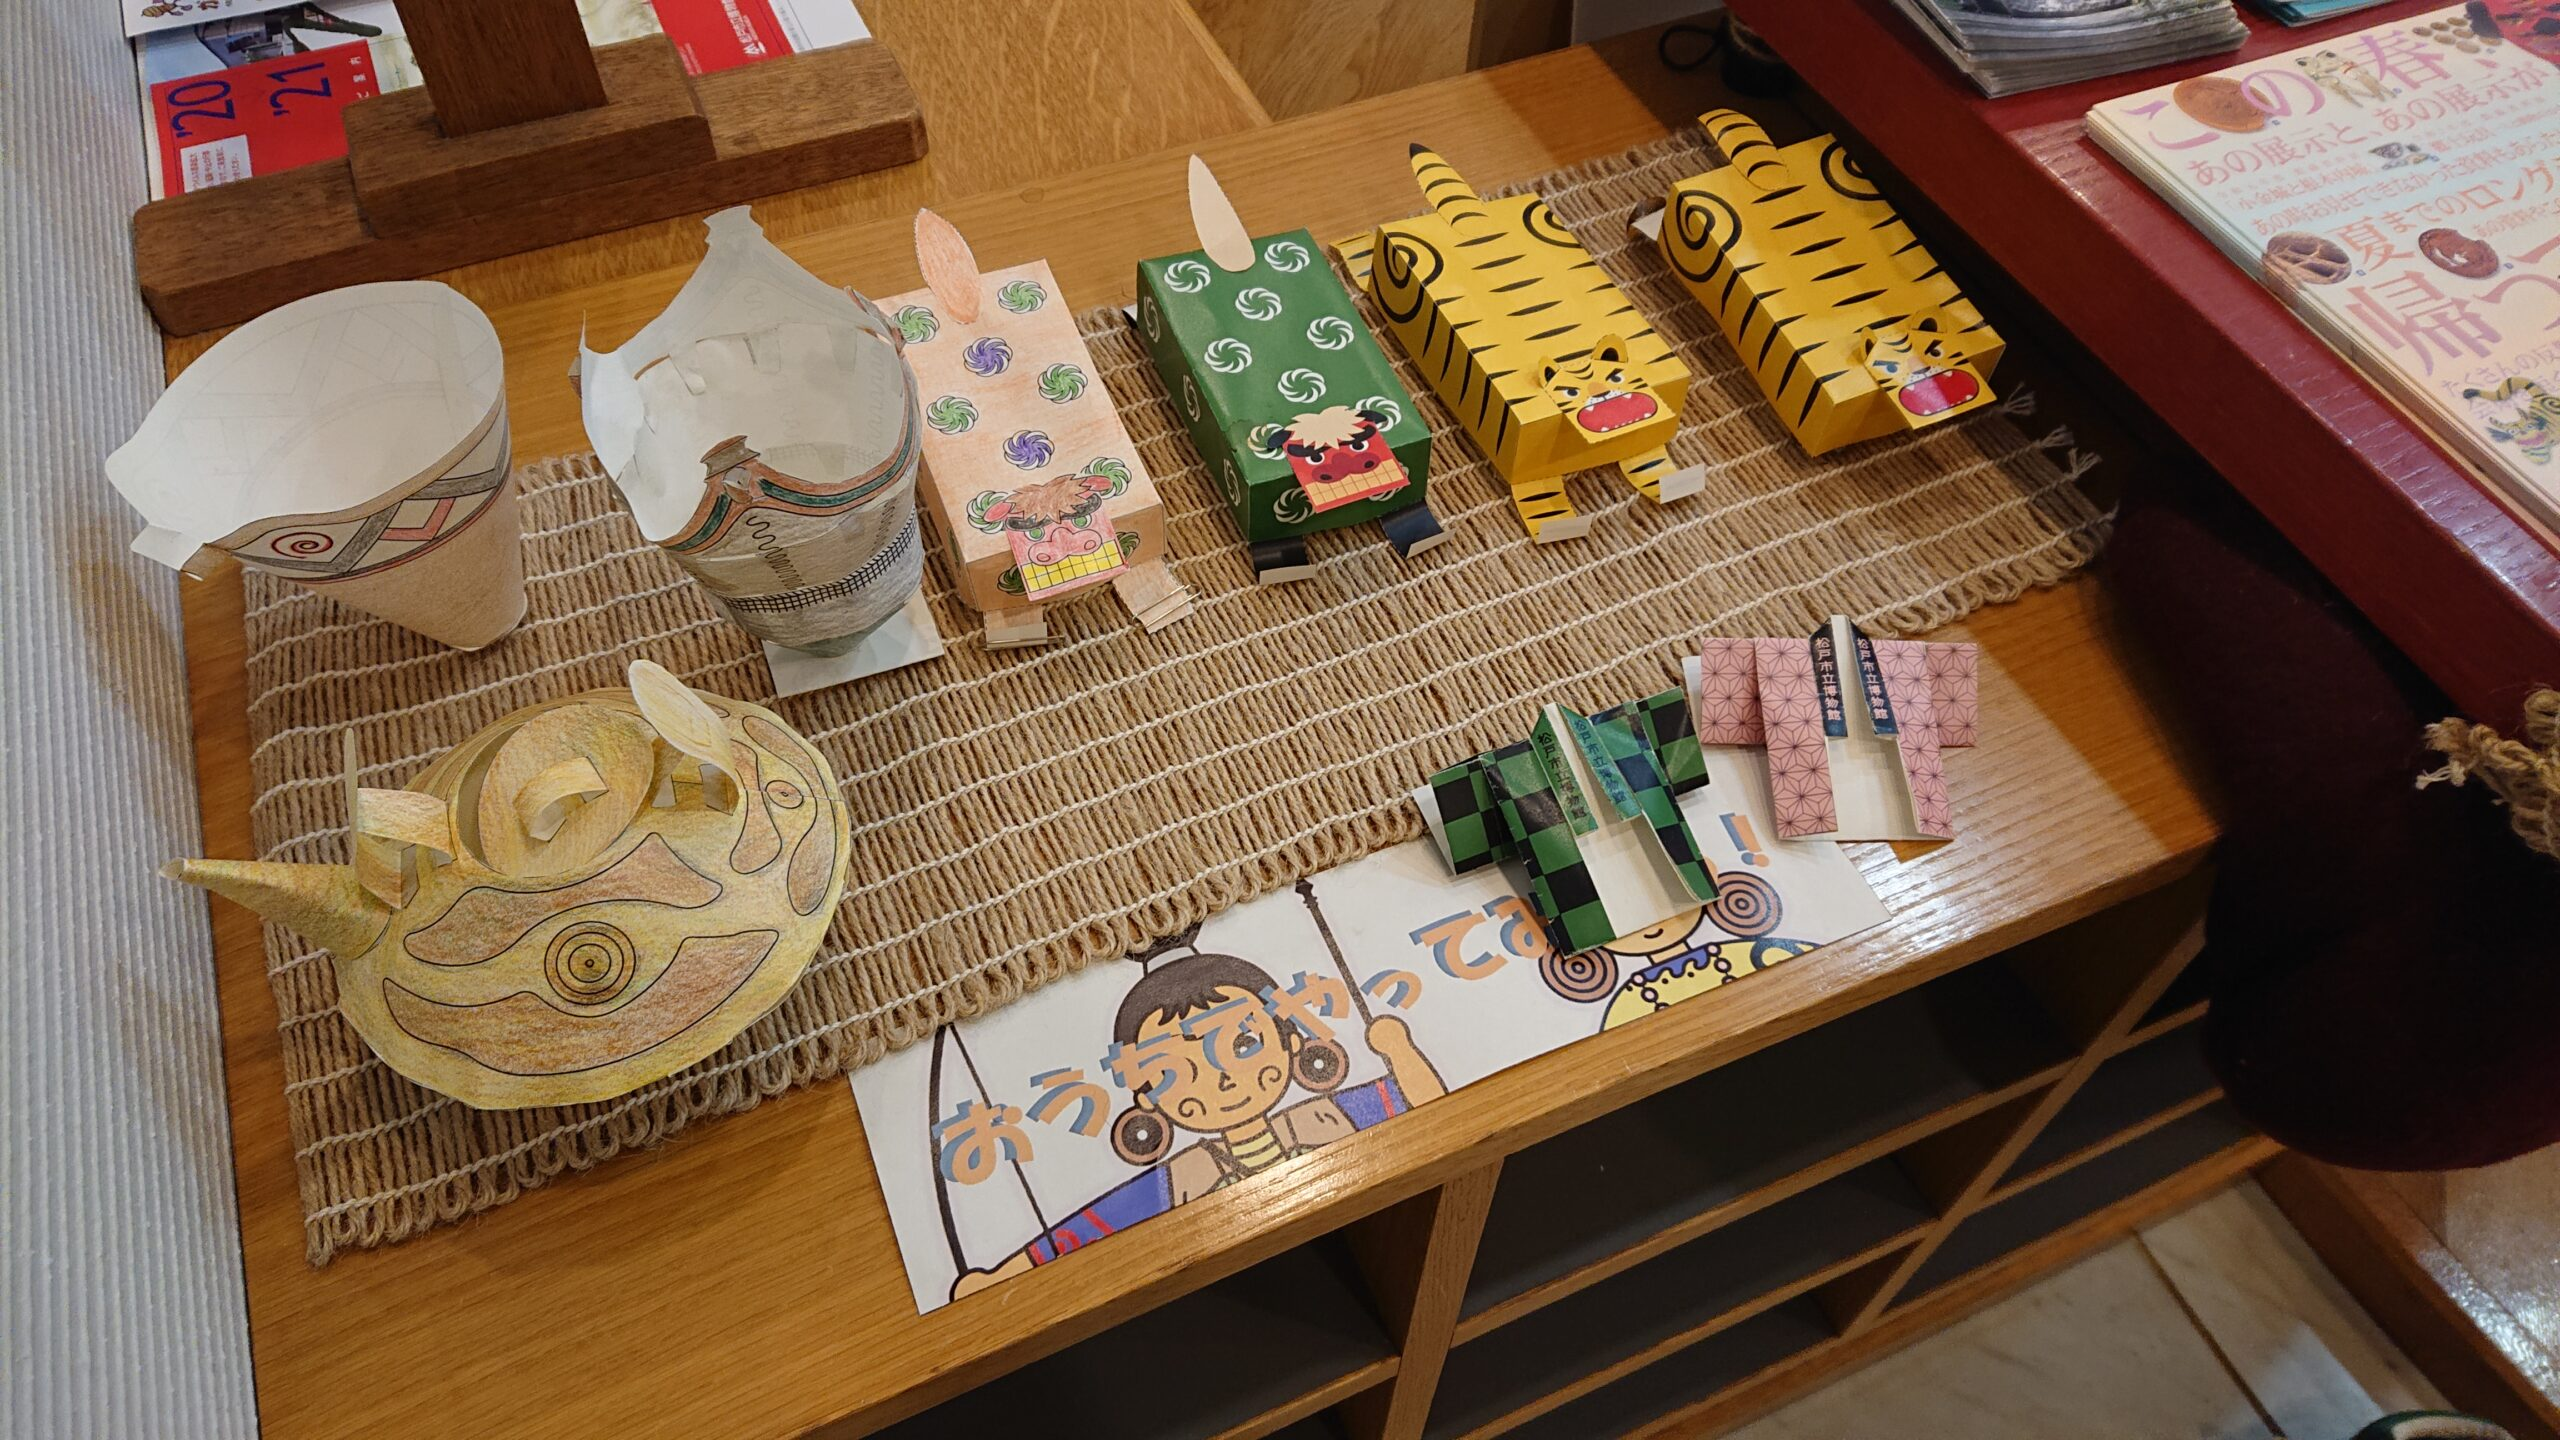 松戸市立博物館のキッズプレイルームの作品